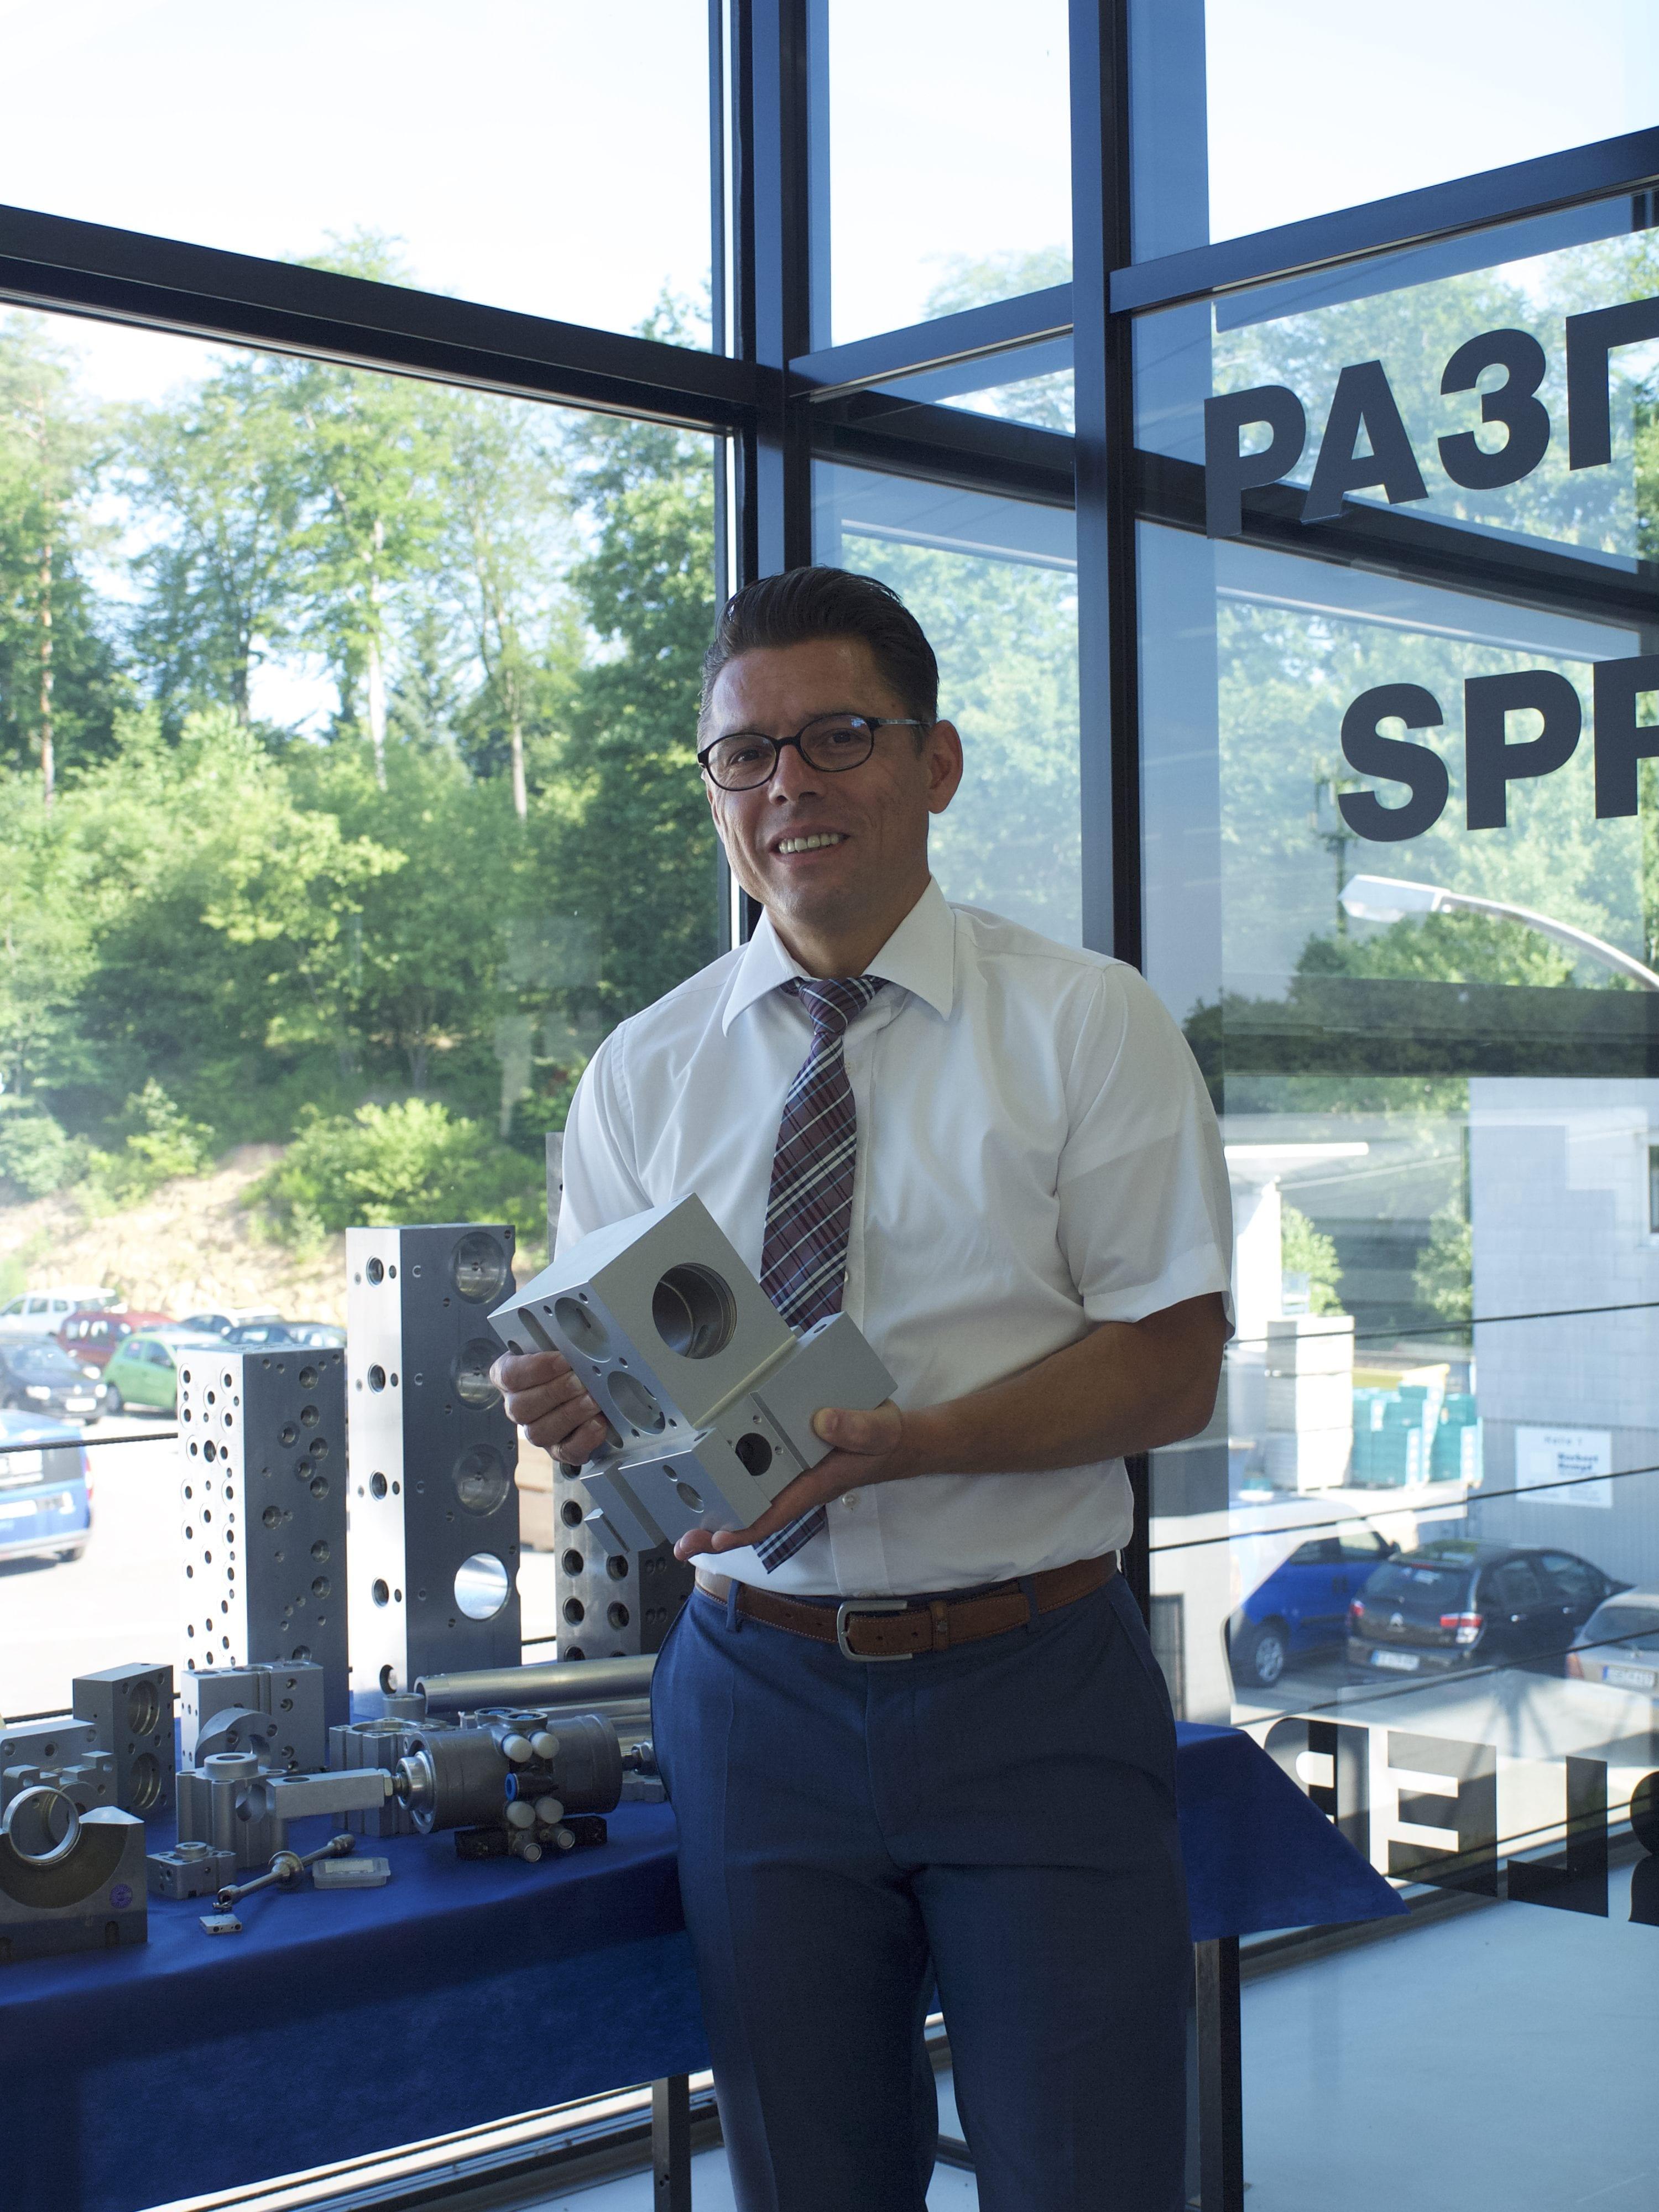 Kempf CNC Technik subtracts a wide range of parts